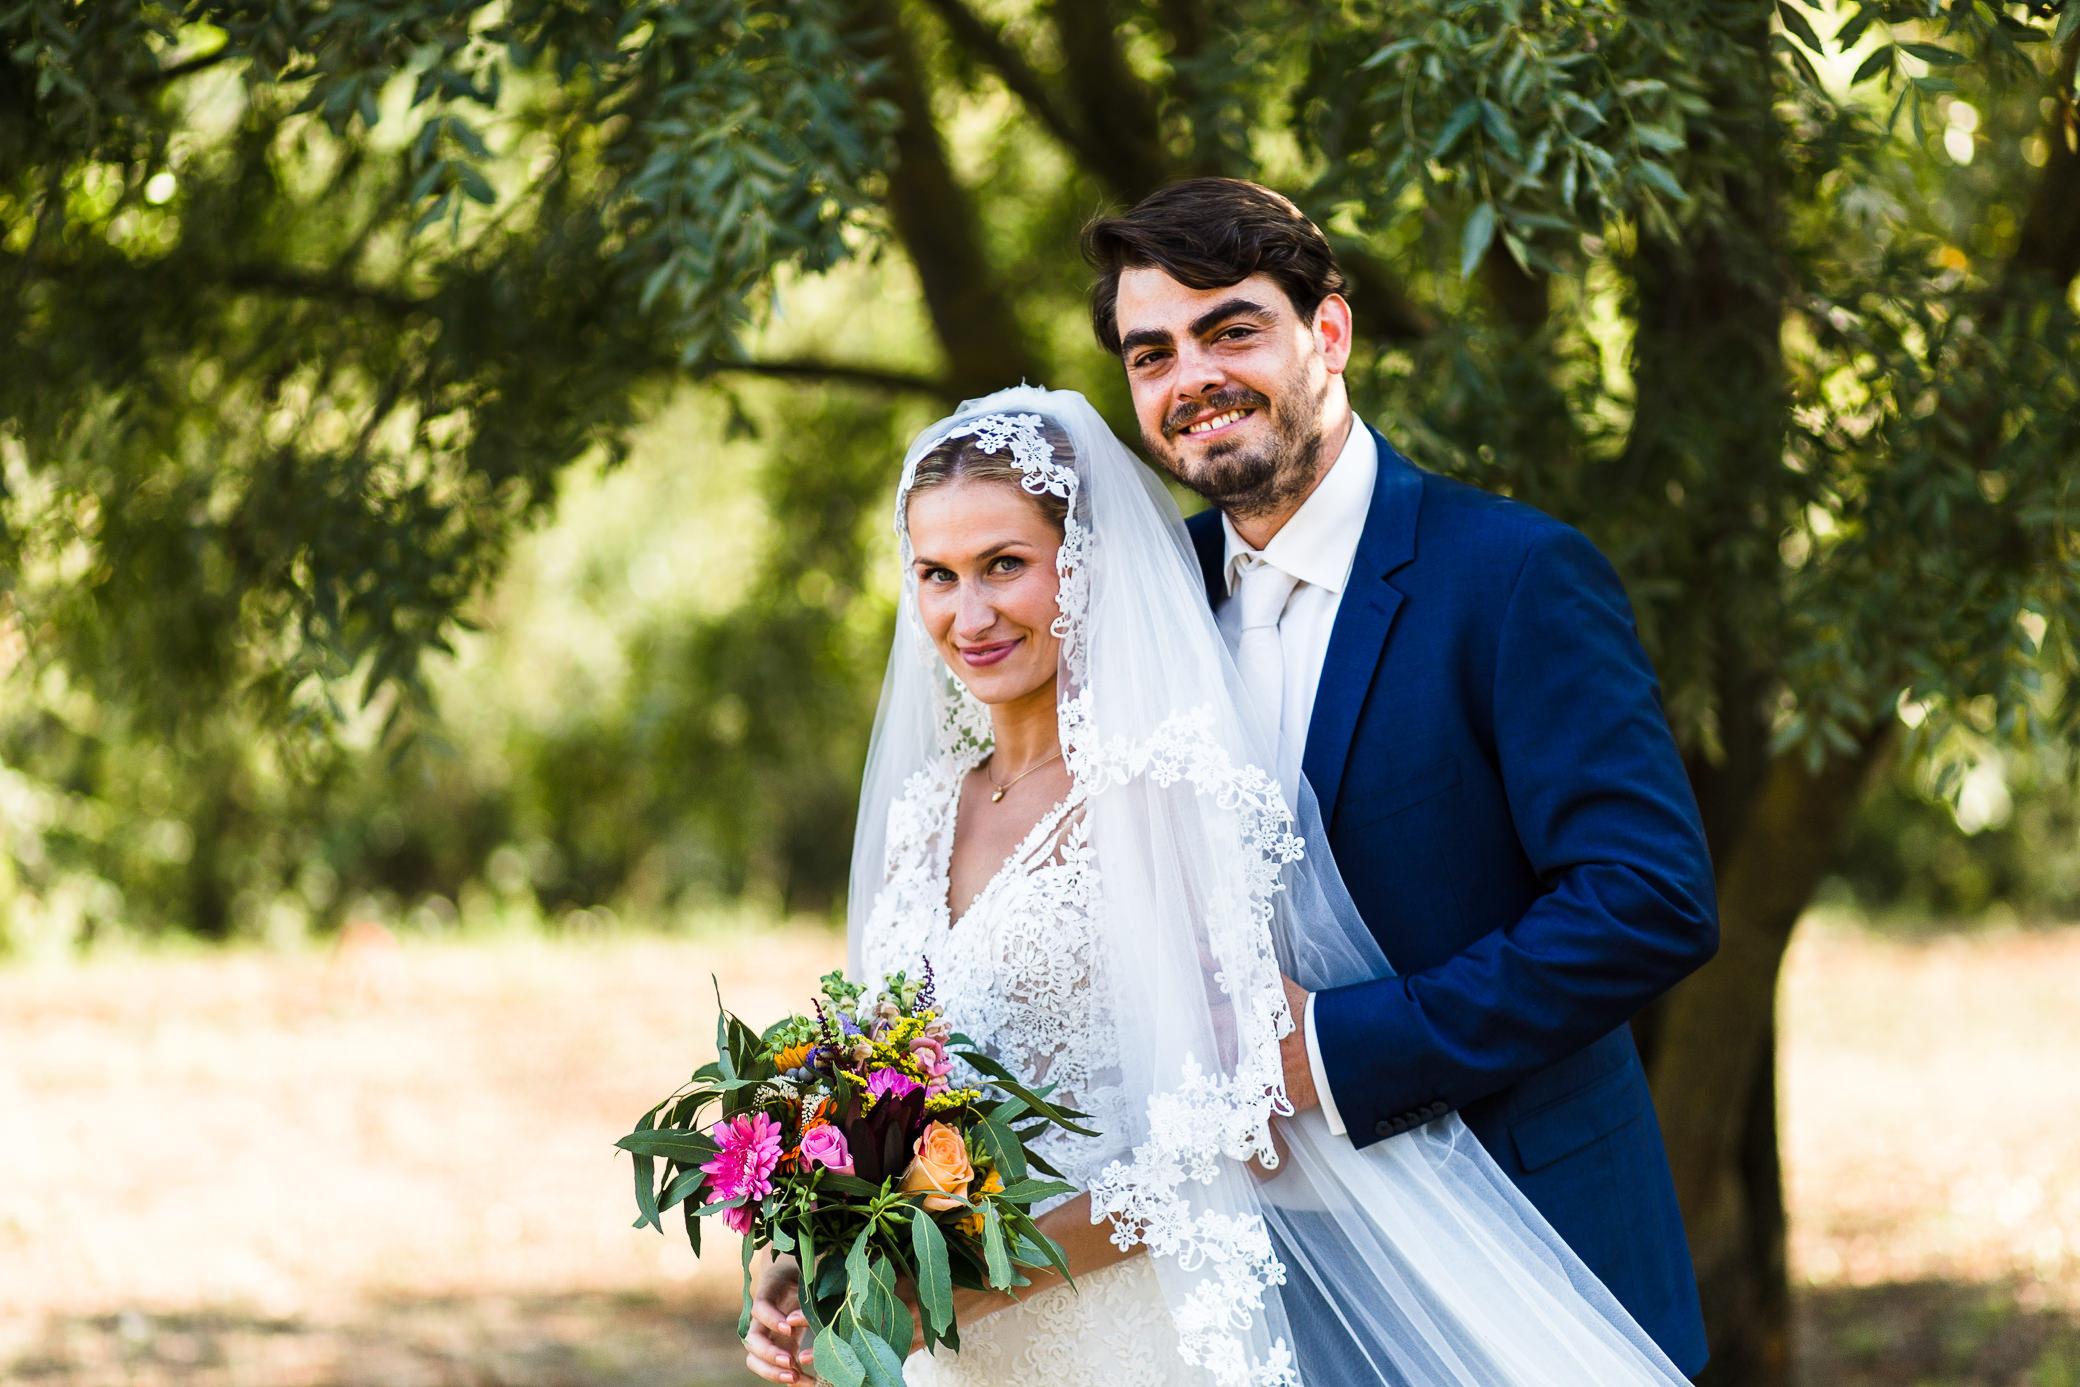 boda-olot-mas-can-batlle-destination-wedding-photografeel-32.jpg